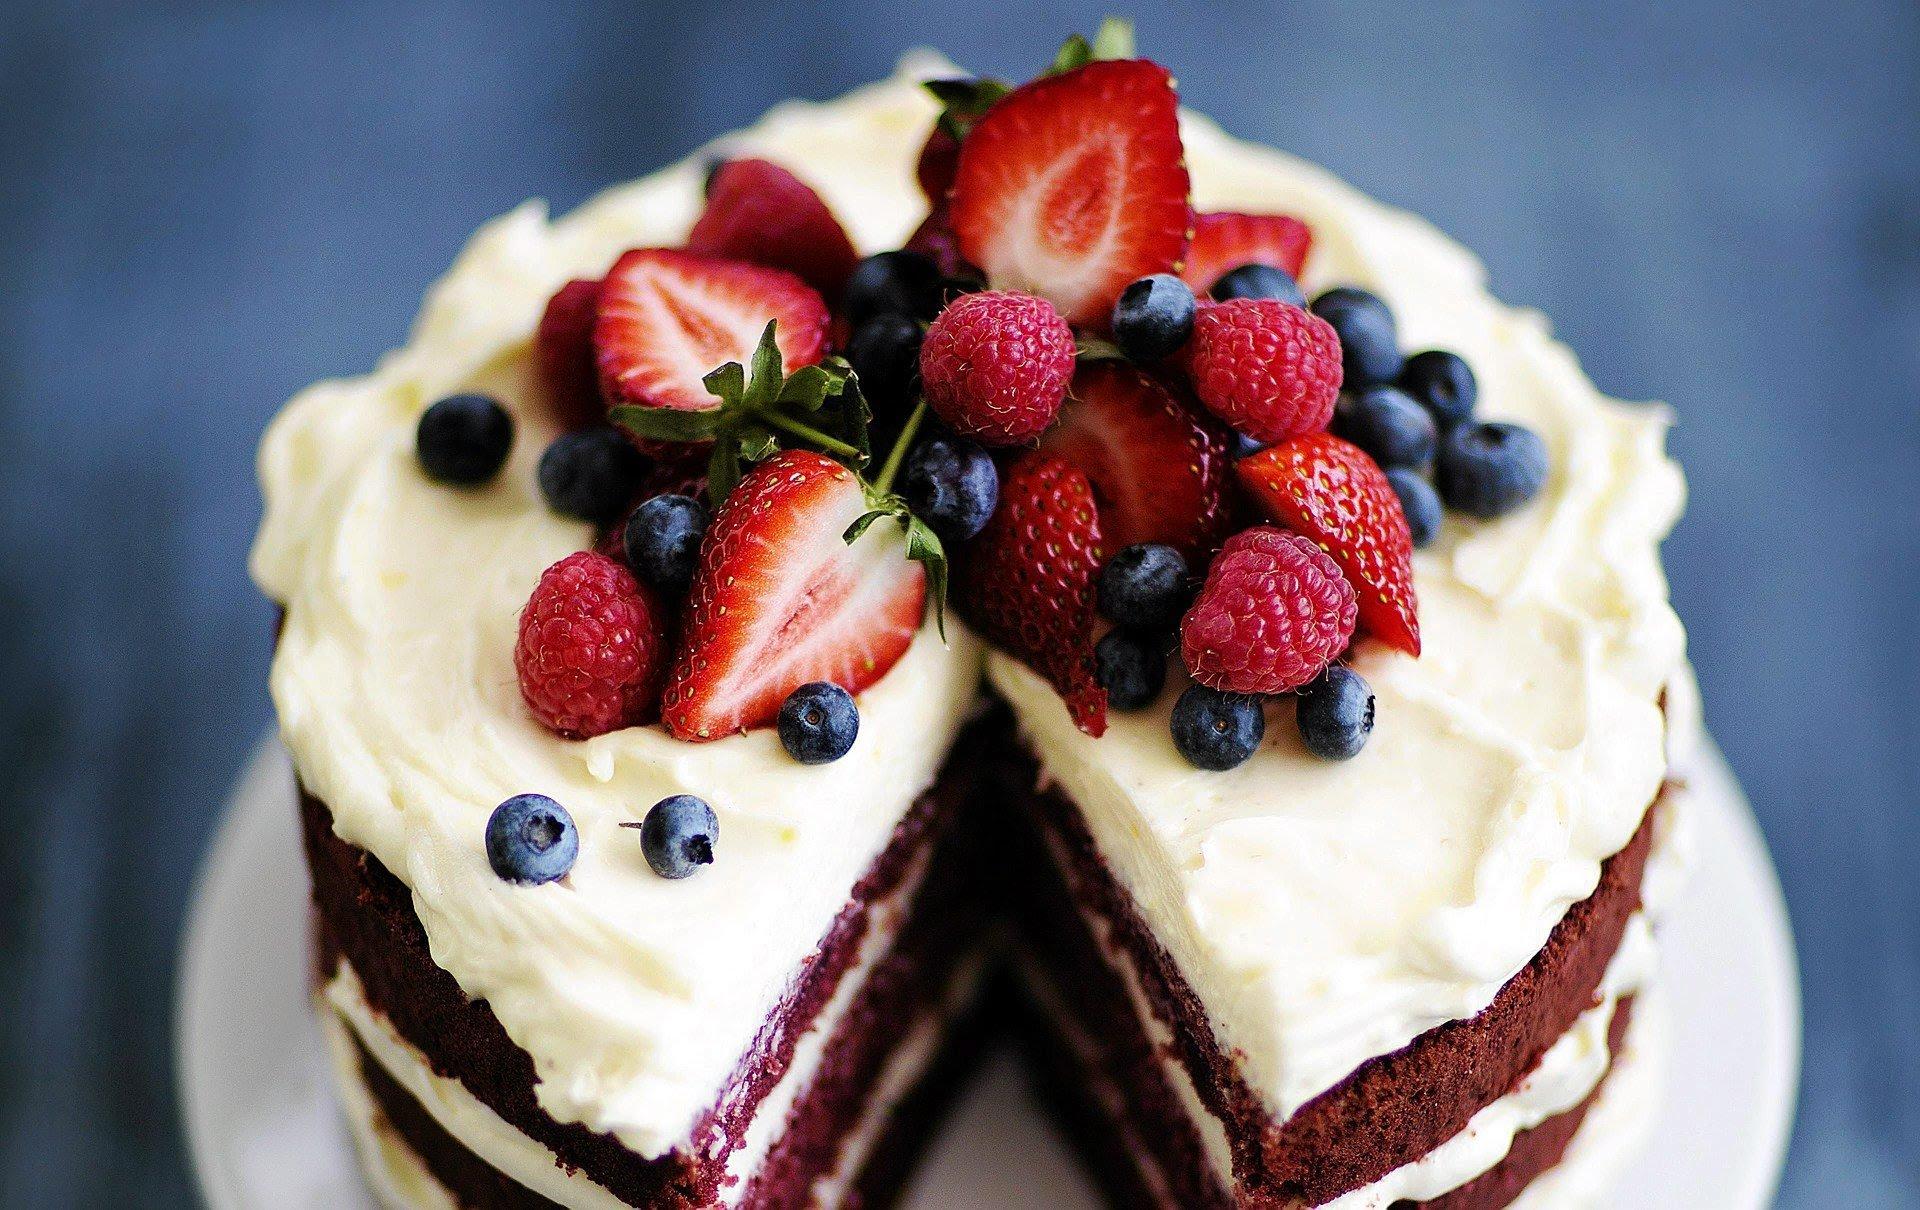 Торт фото красивые